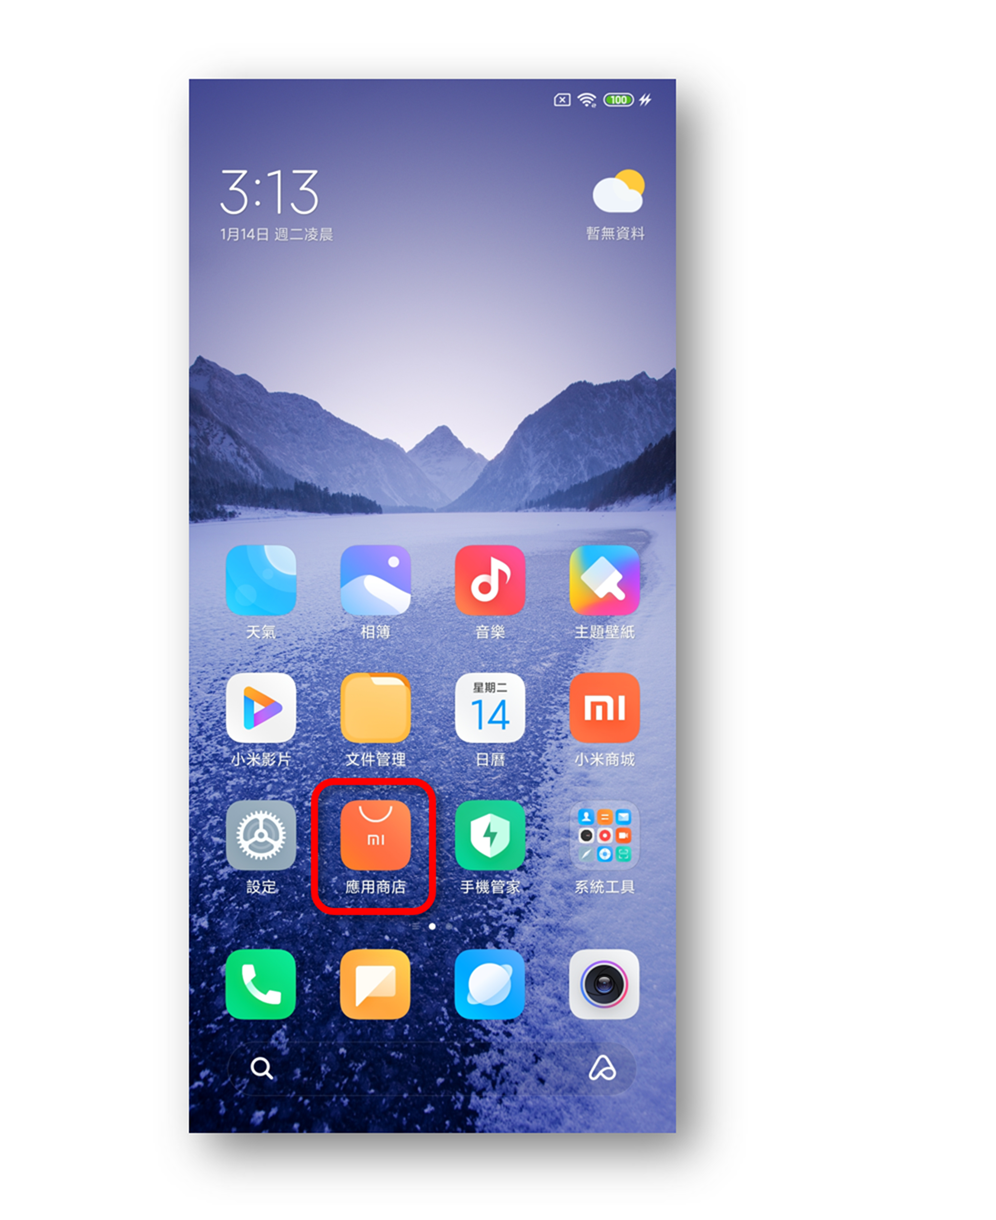 小米 CC9 Pro (小米 Note 10 中國版) 安裝 Google 服務教學(含實測)@3C 達人廖阿輝